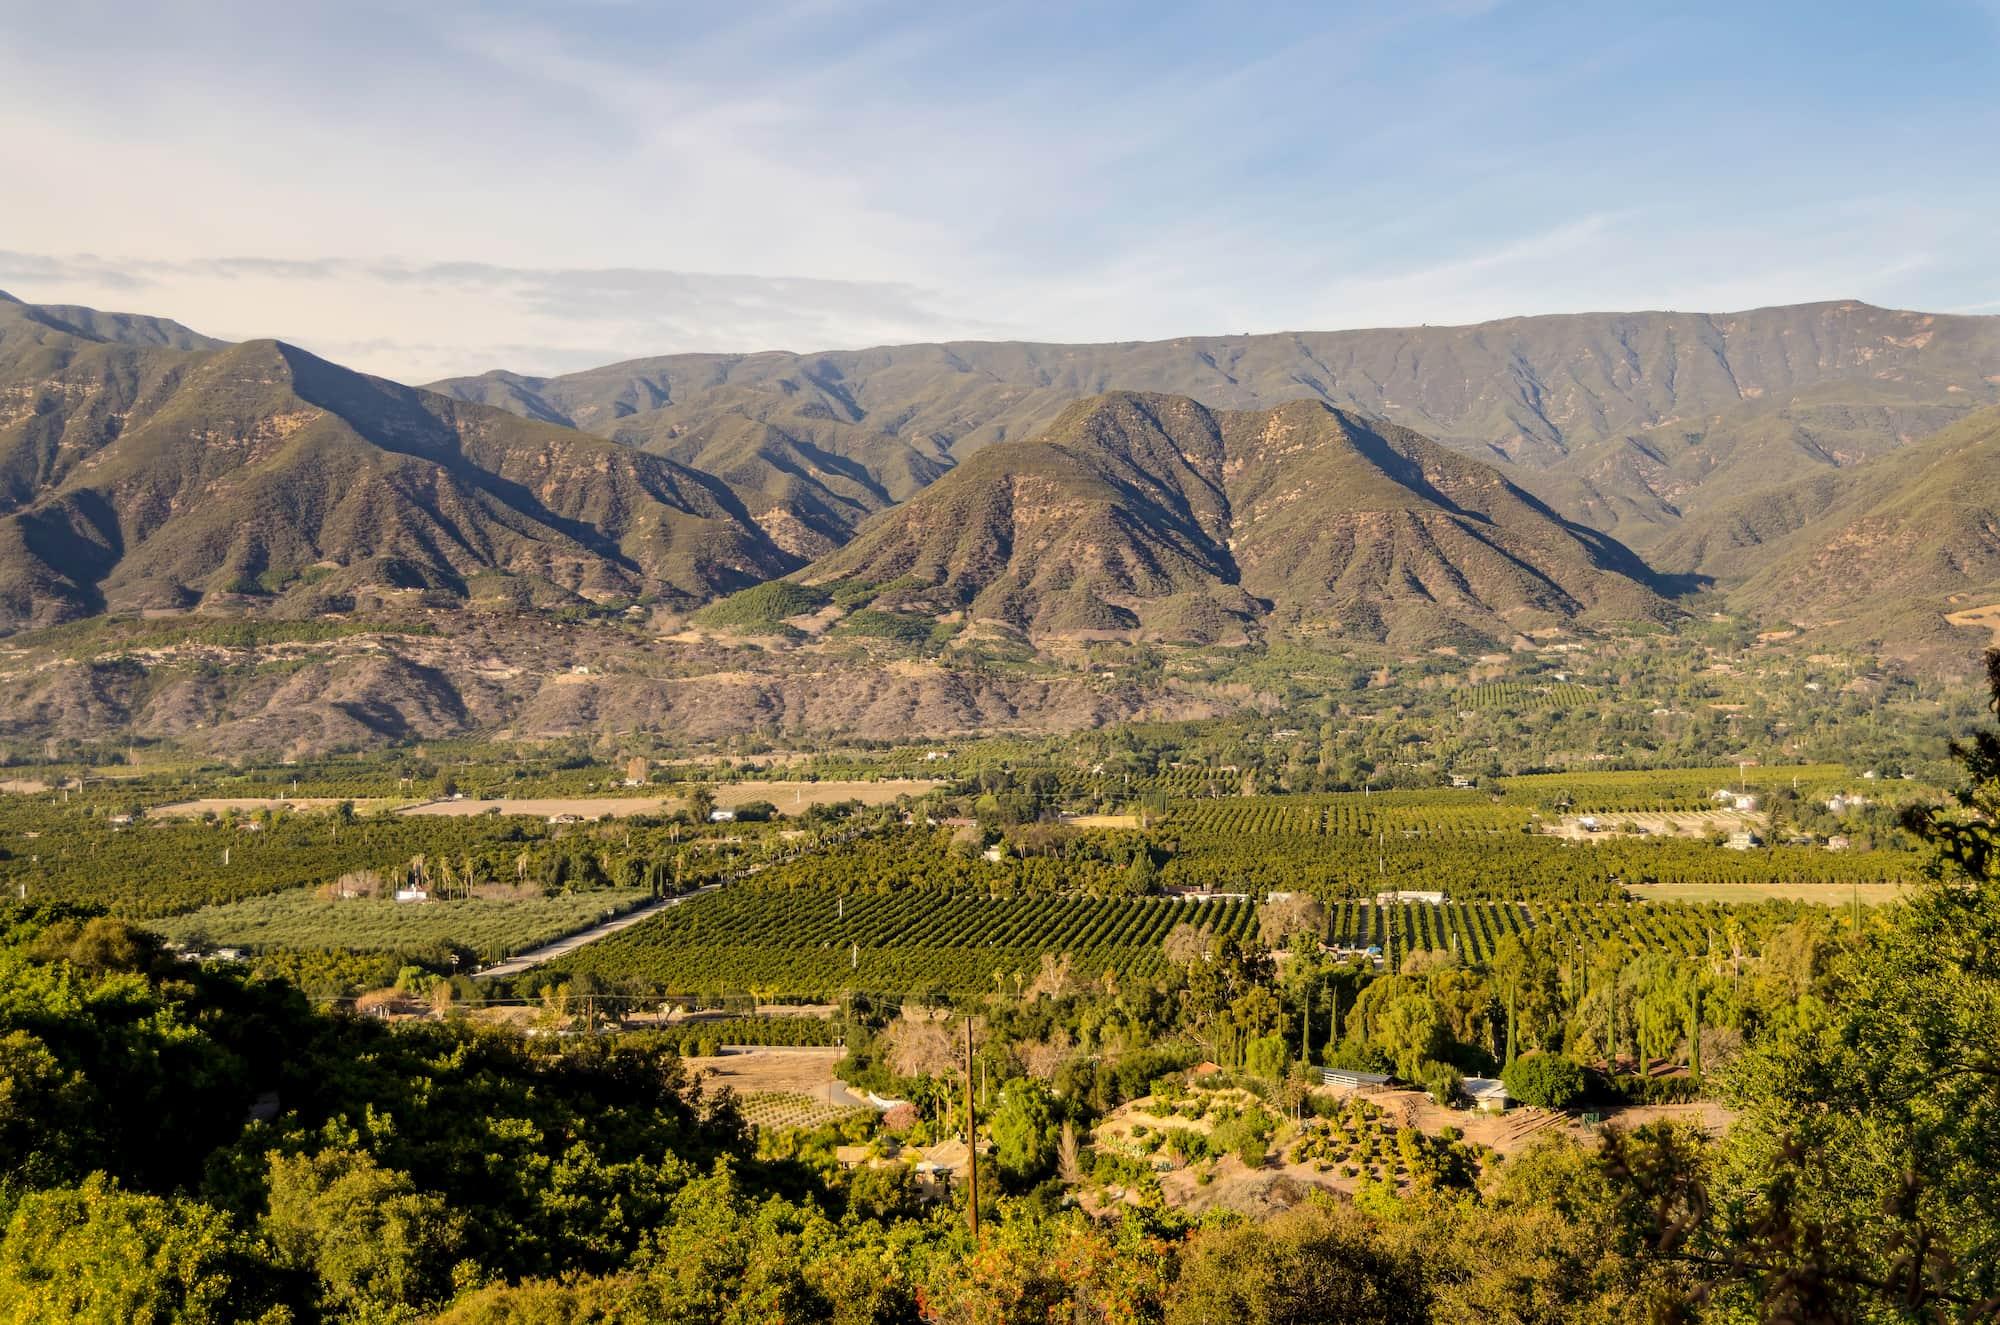 panoramic view of Ojai California